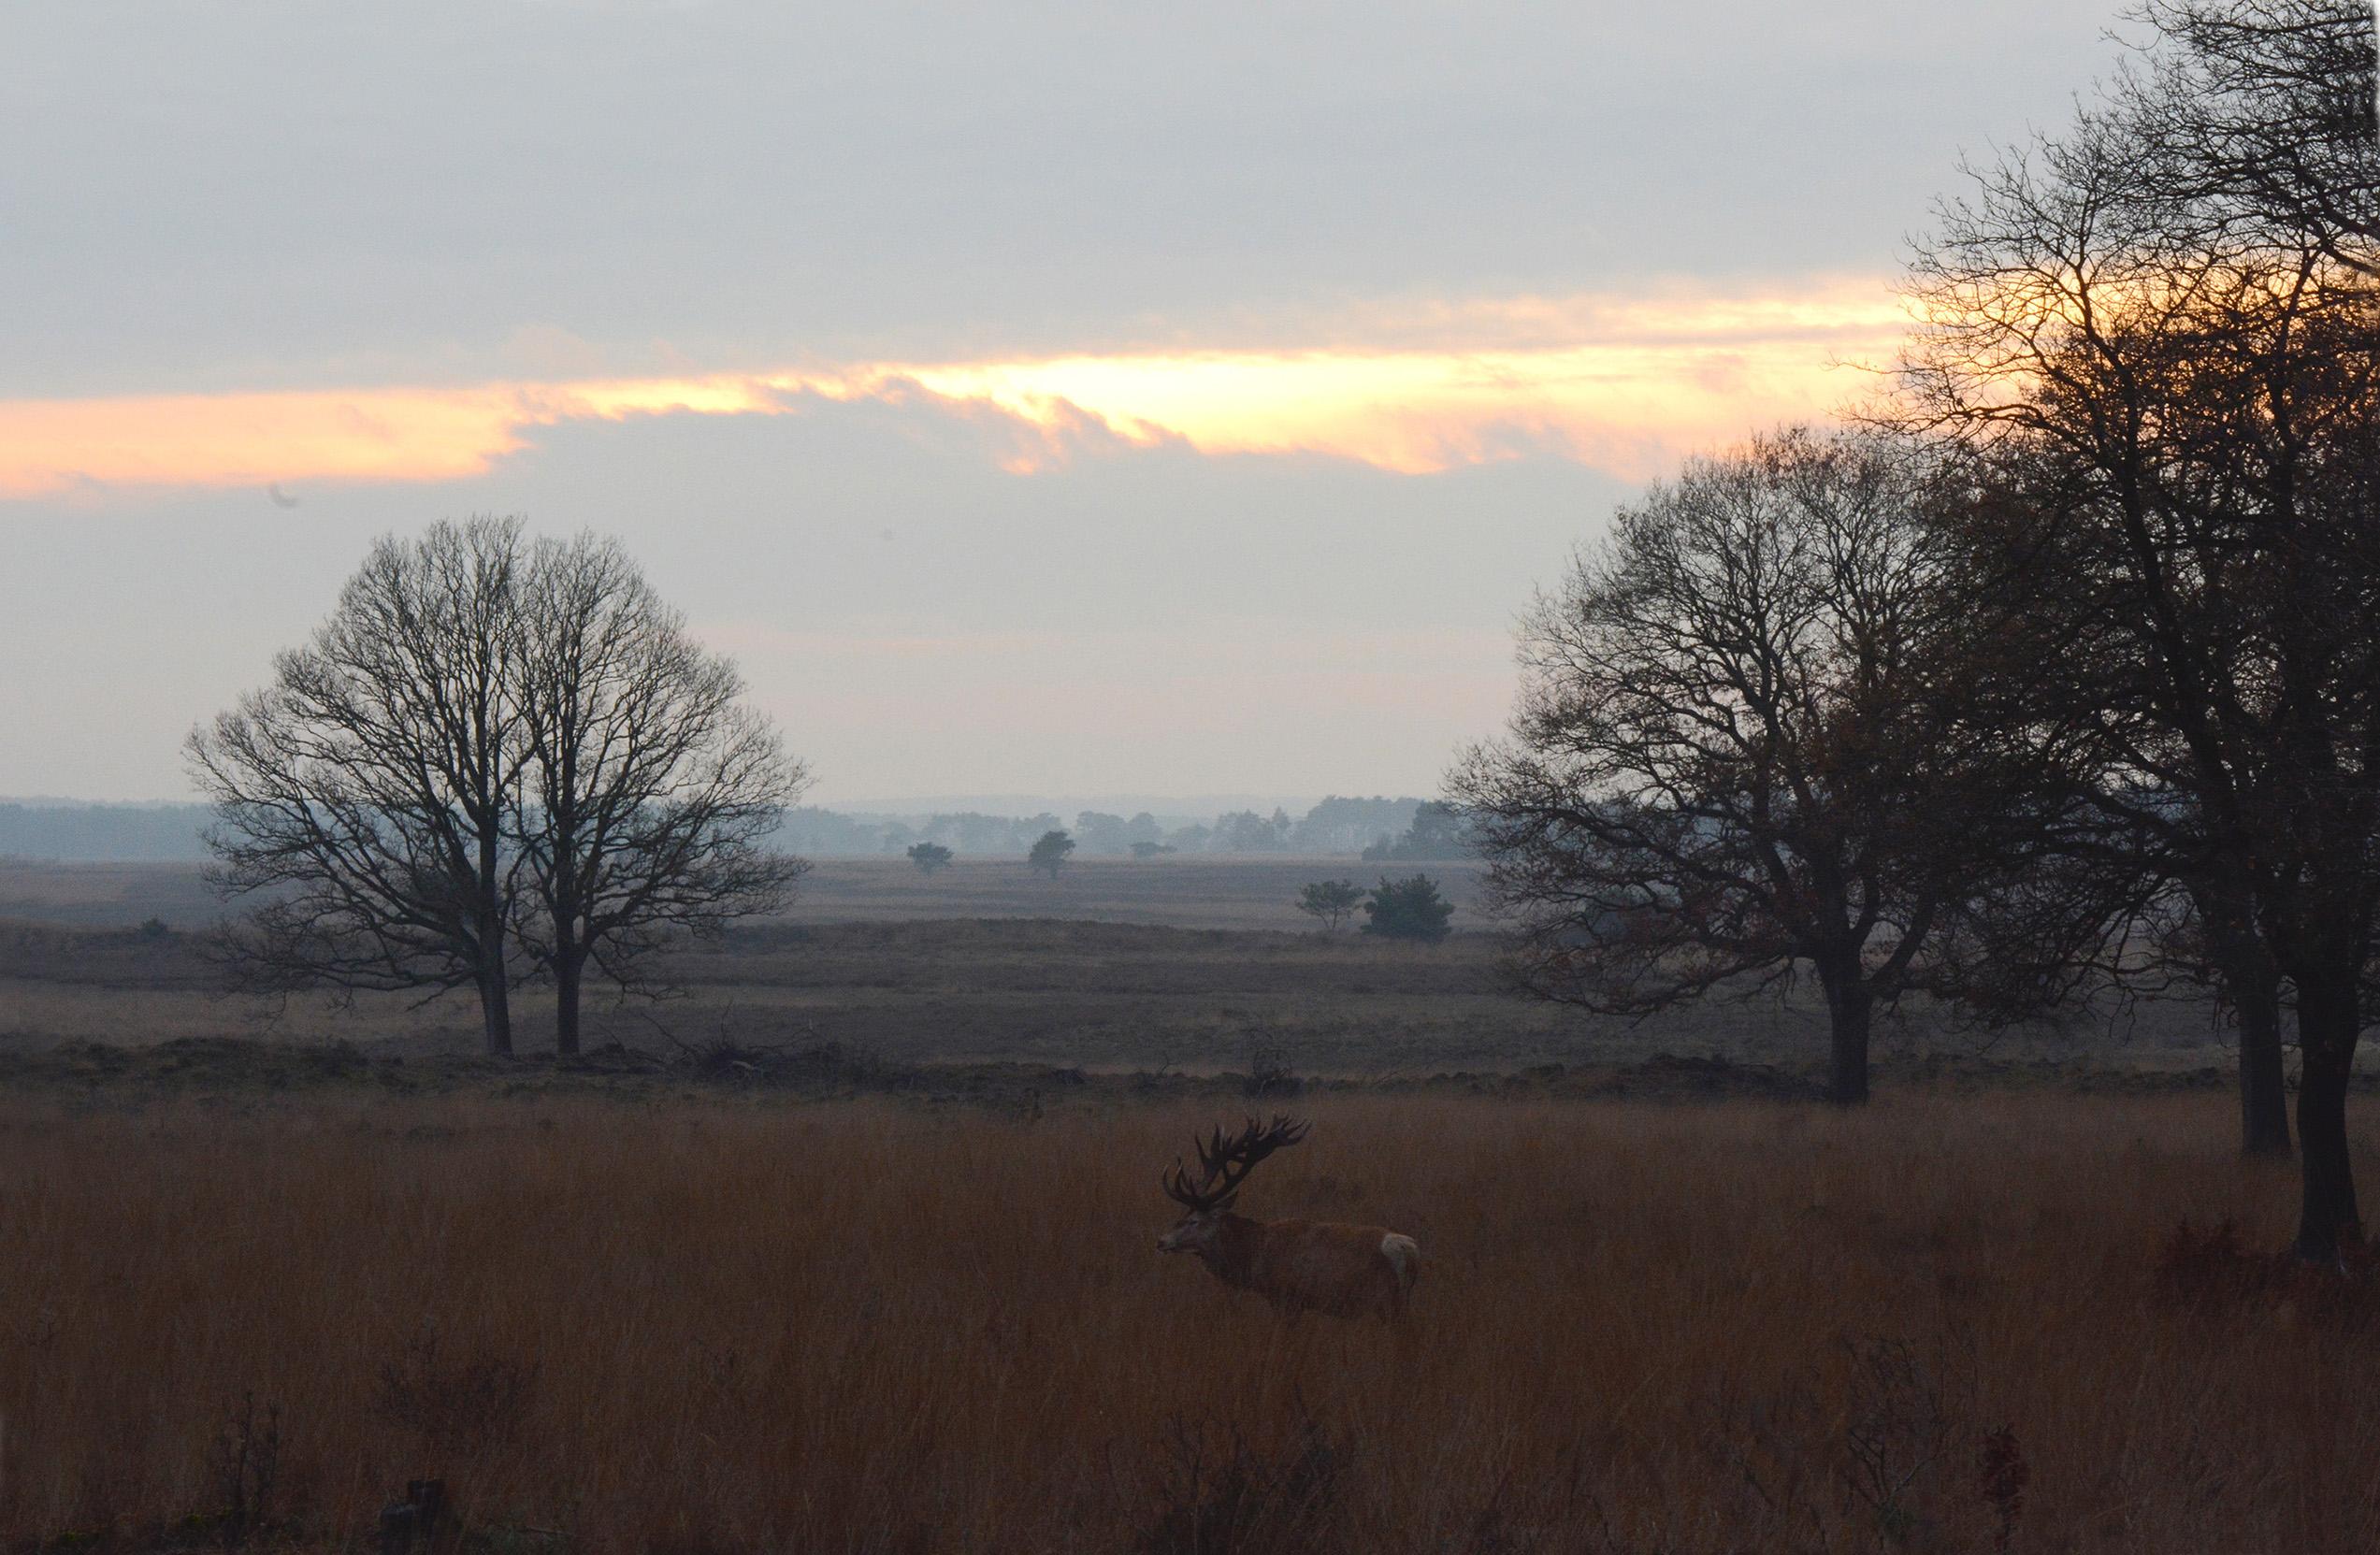 Aan het einde van de middag hadden we nog een mooie zonsondergang - Foto: ©Florus van den Berg